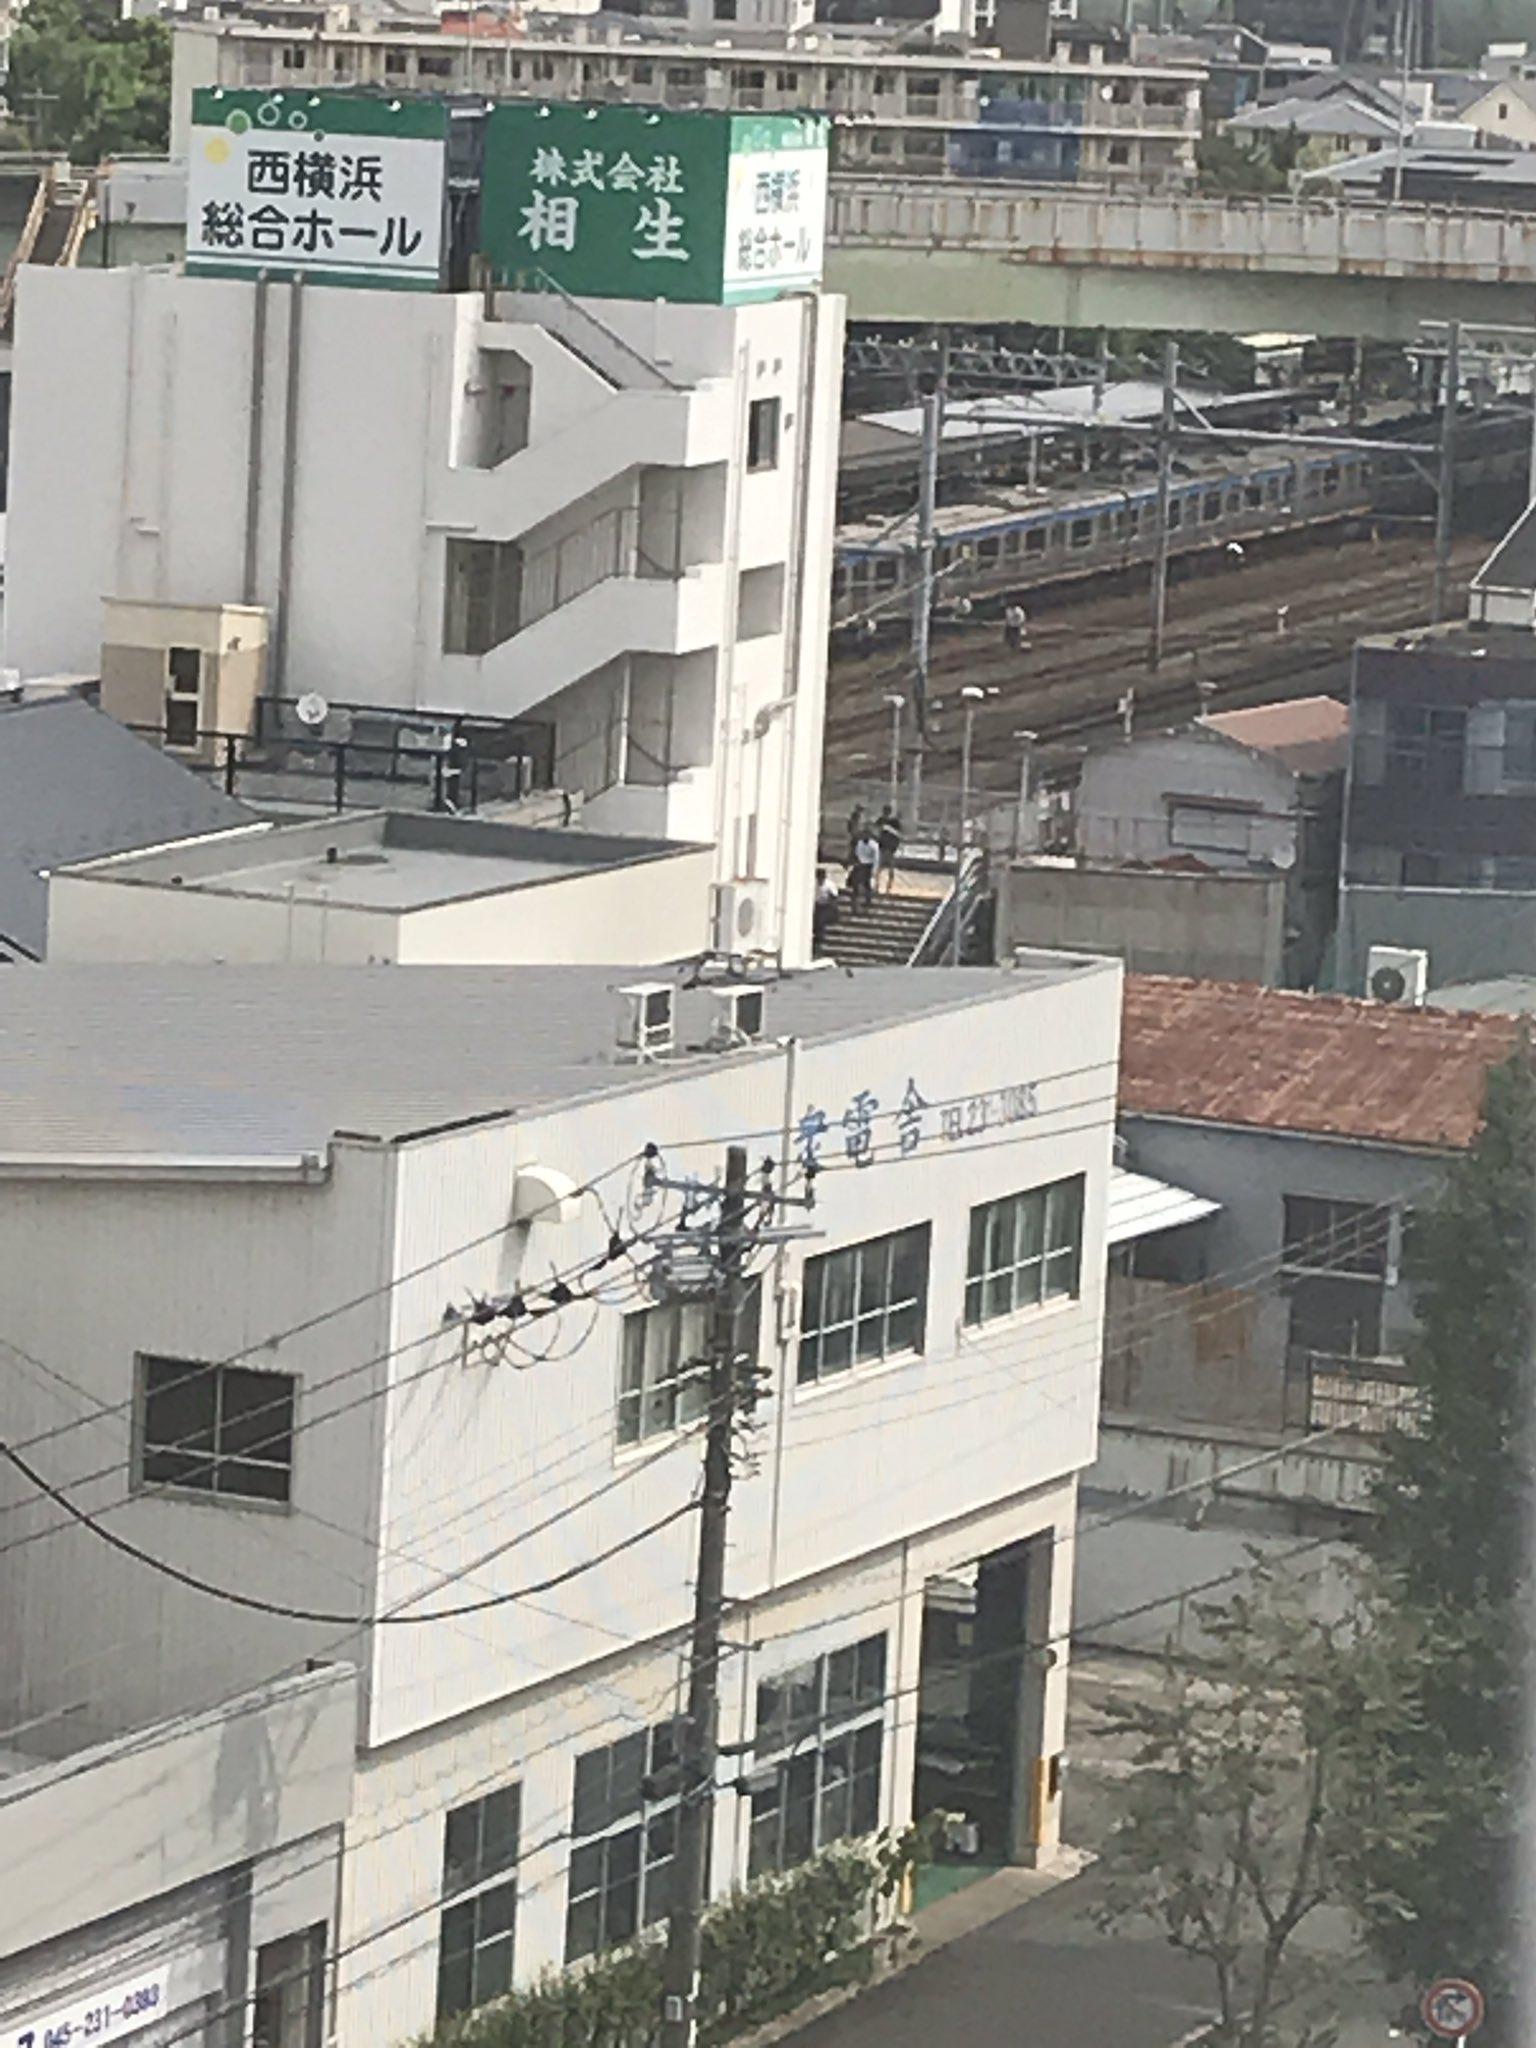 相鉄本線の西横浜駅で人身事故が起きた現場の画像